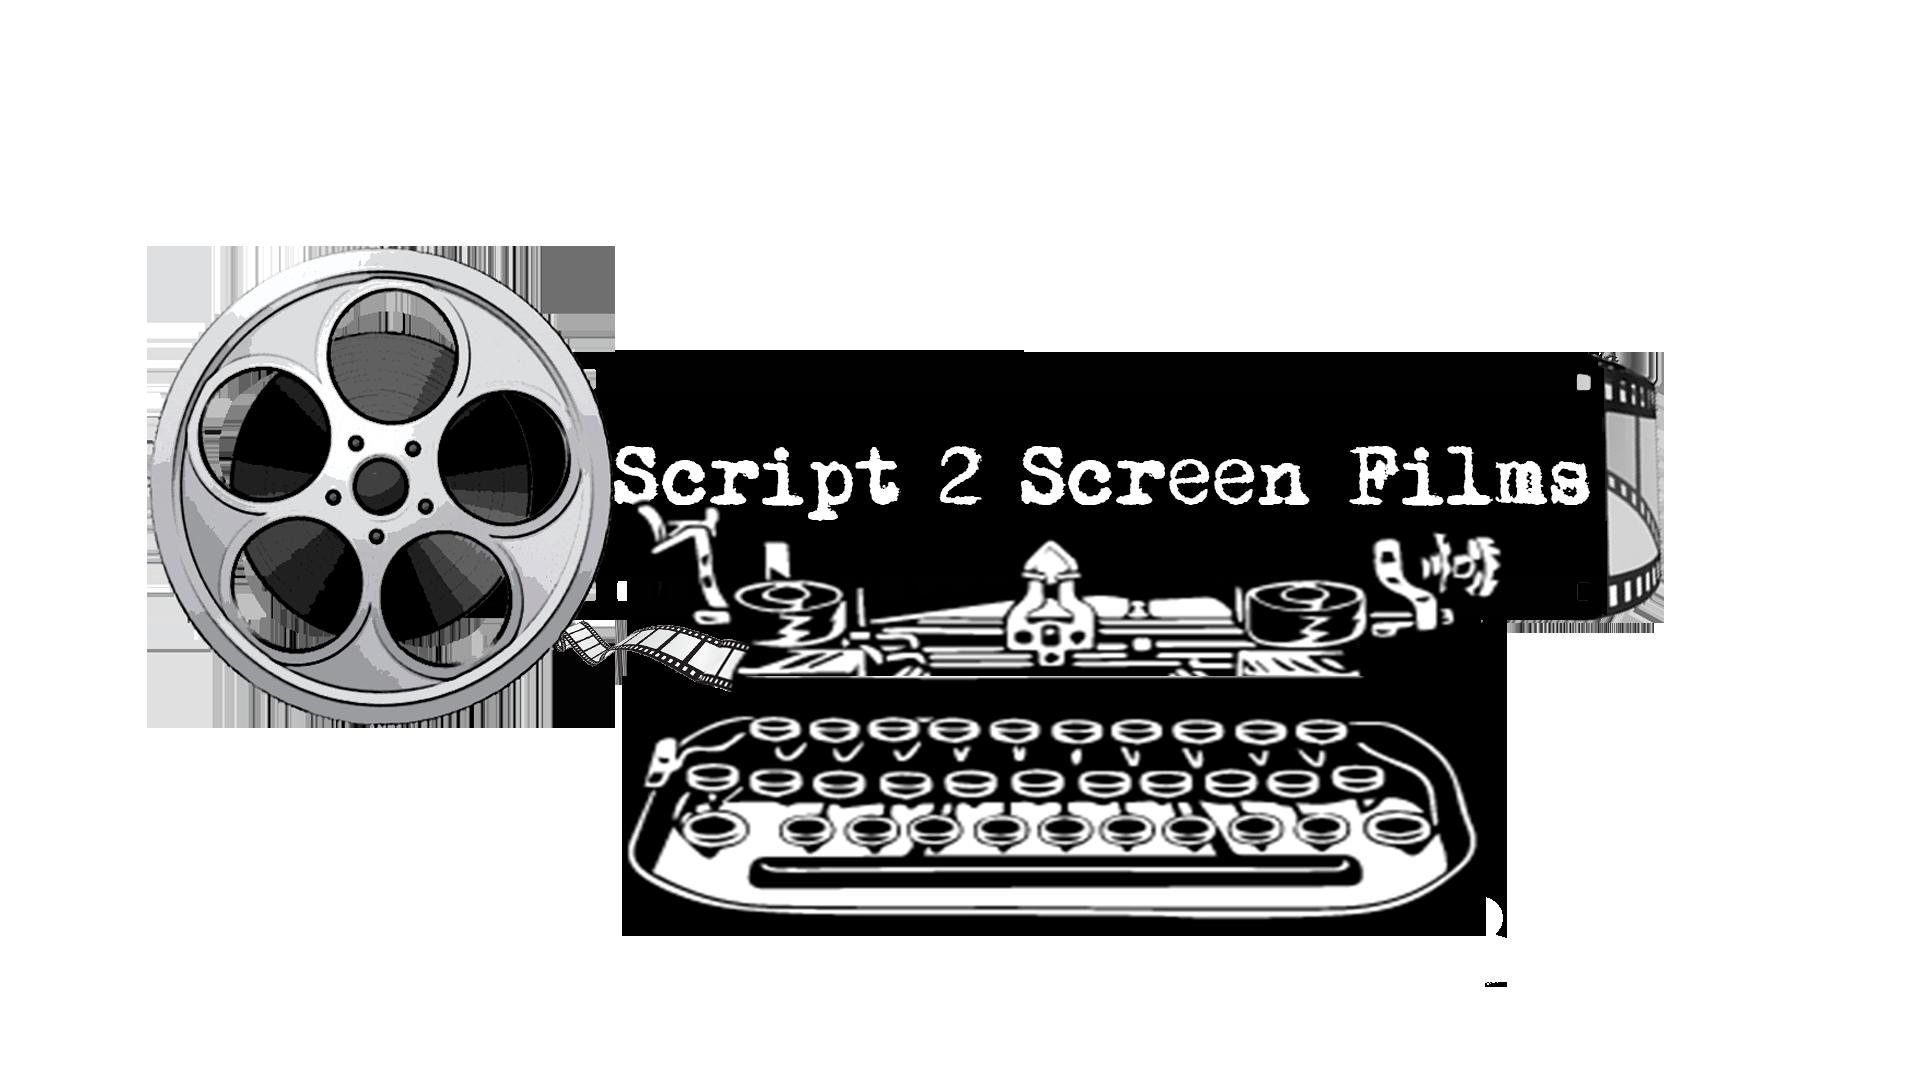 Scrip2screen